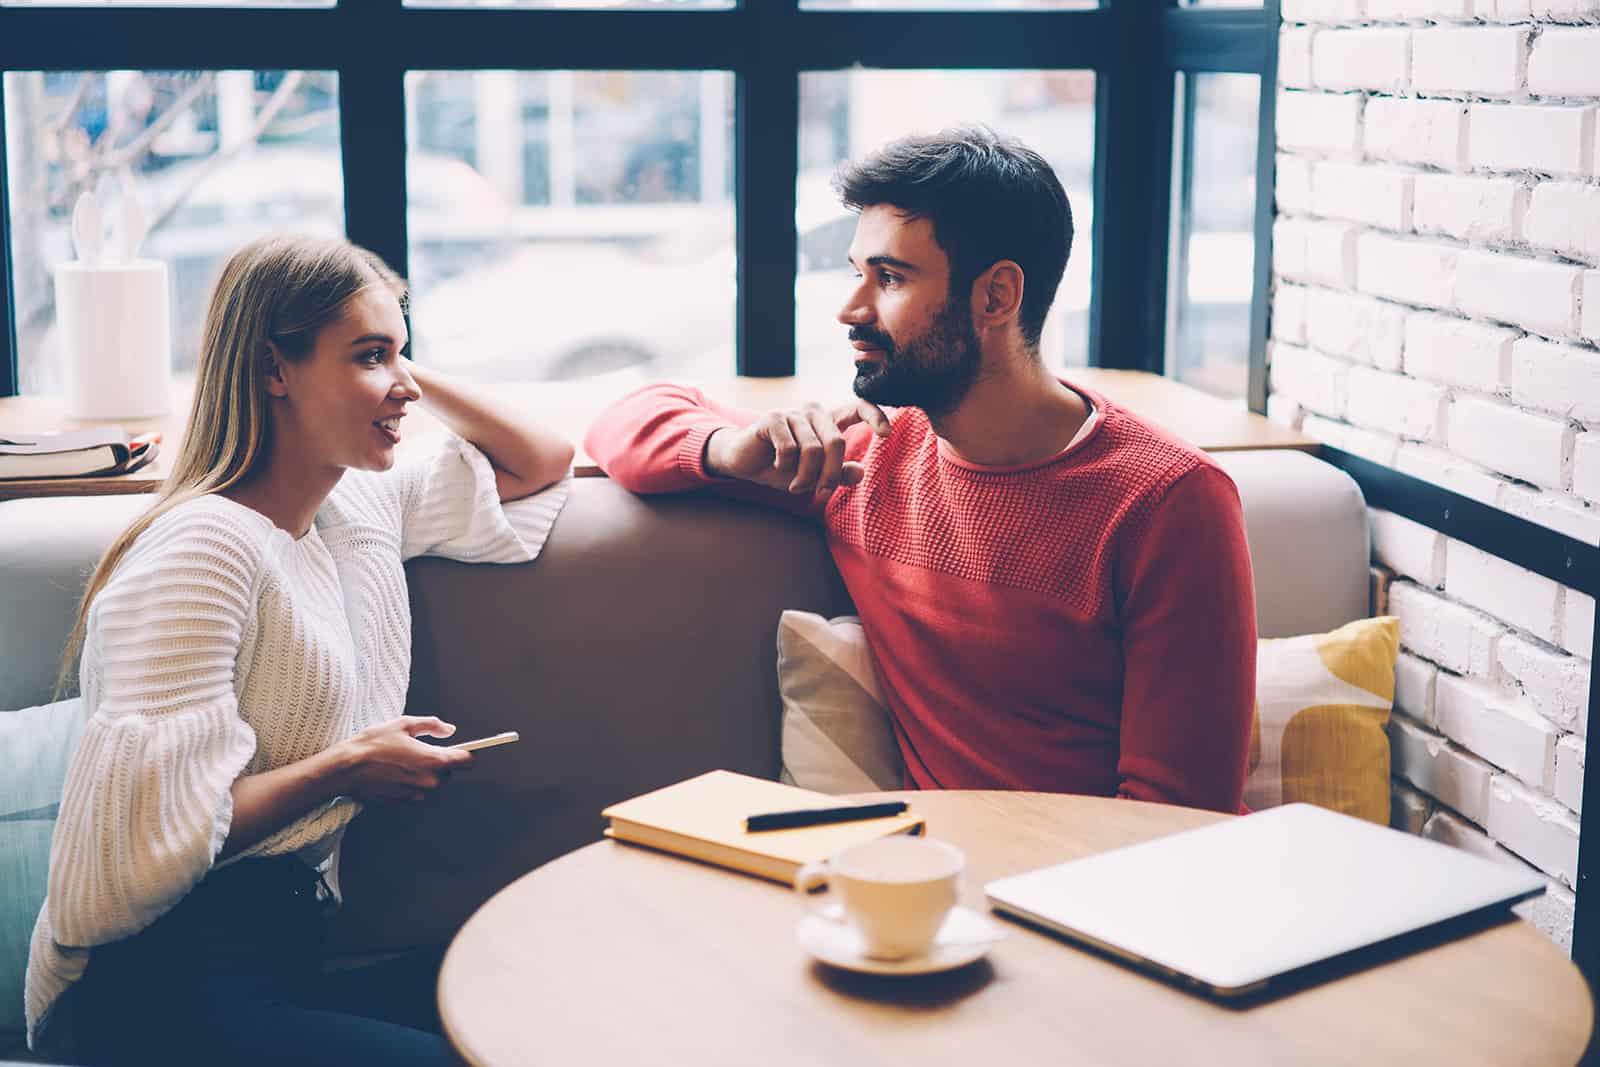 Ein Mann und eine Frau unterhalten sich in einem Café und schauen sich in die Augen